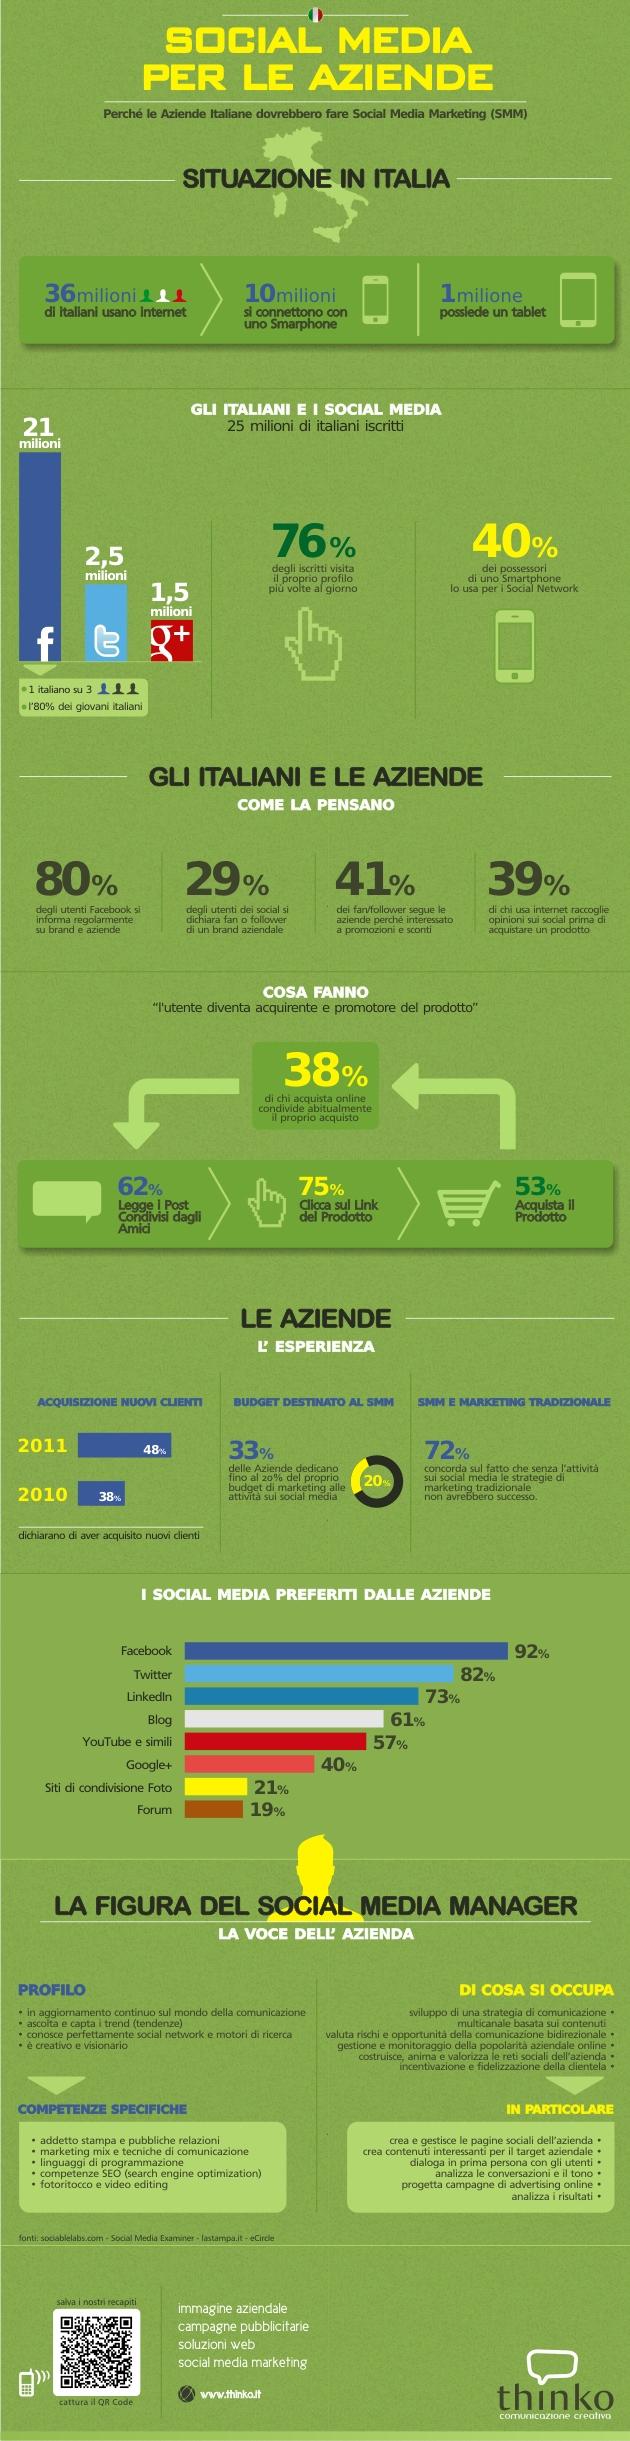 L' infografica sui Social Network e le aziende Italiane.